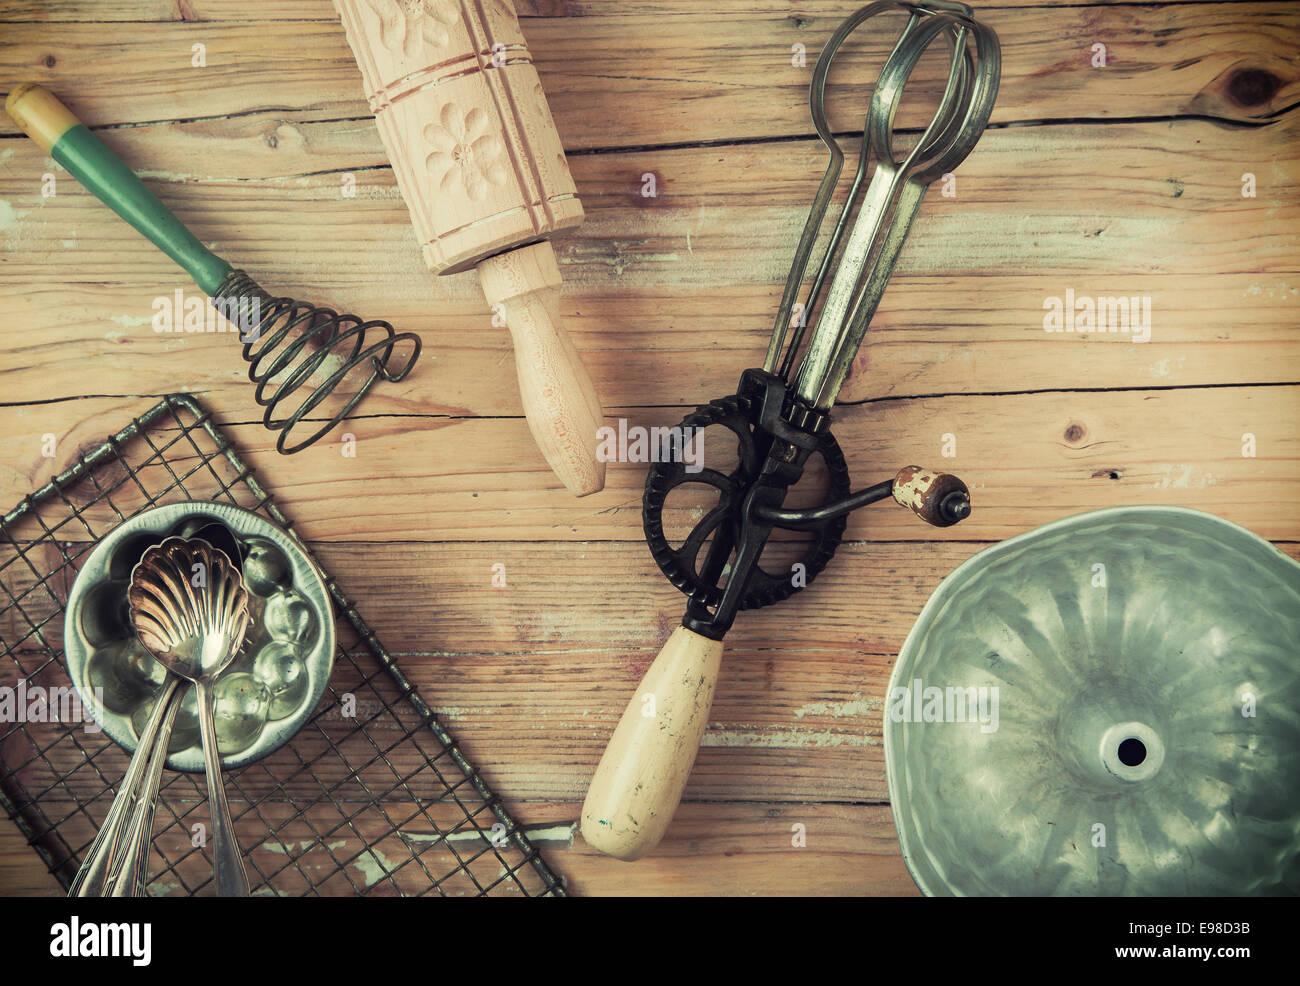 Un Assortiment De Vieux Ustensiles De Cuisine Rustique Sur Une